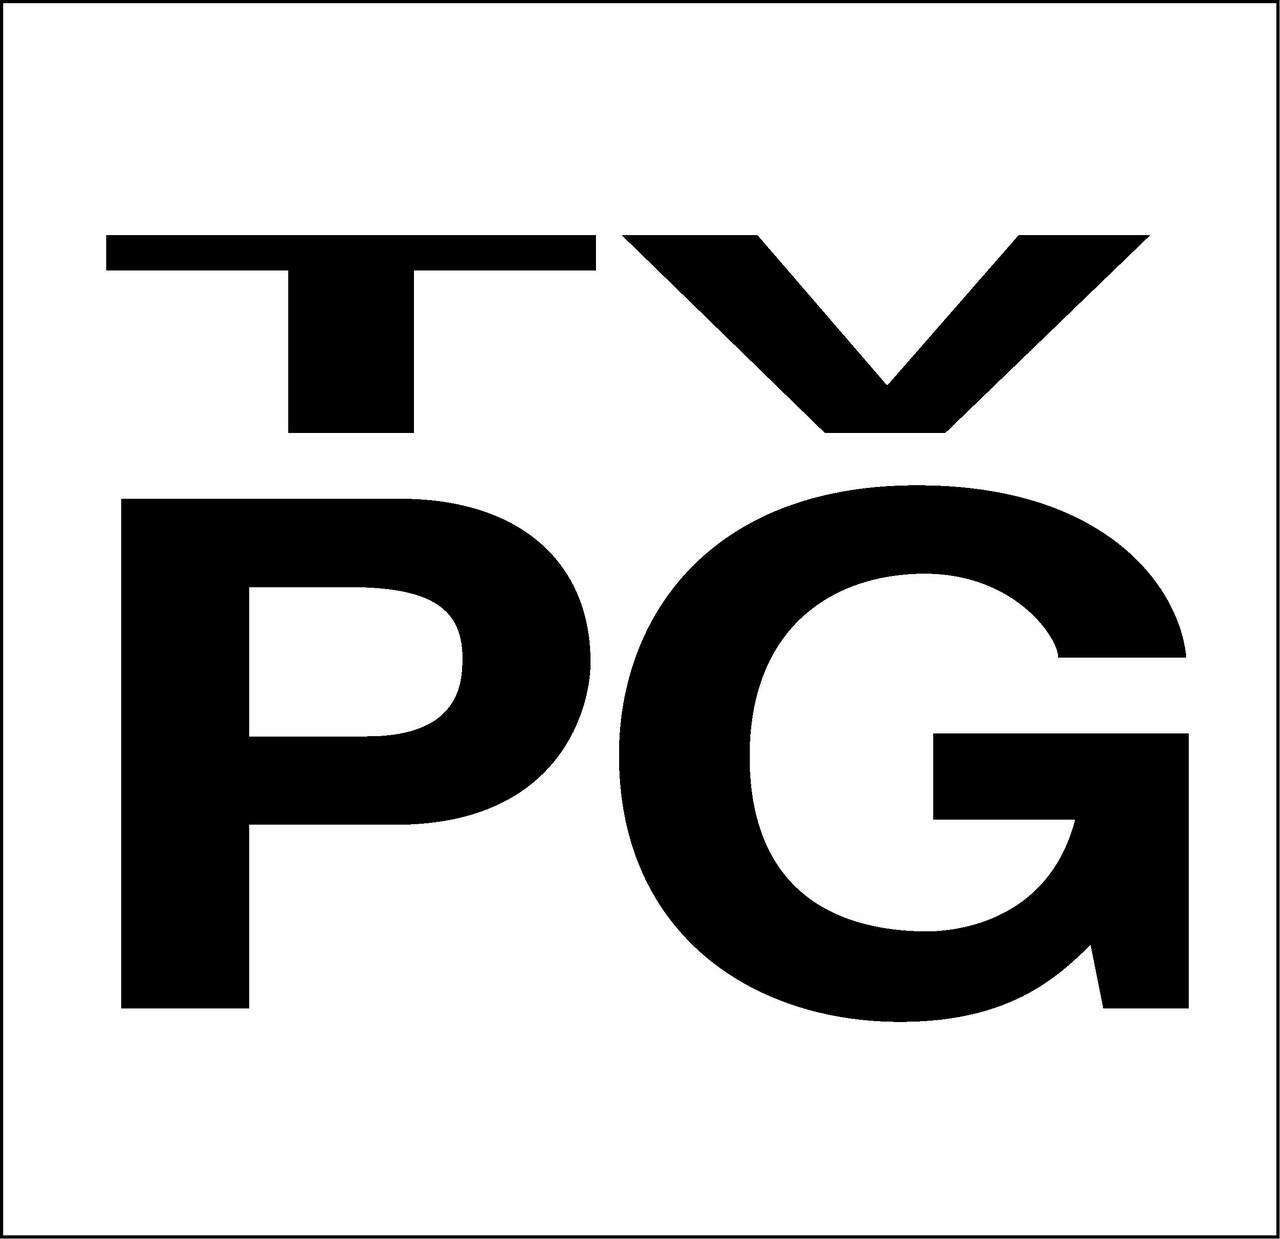 ¿El fin de la Era PG?